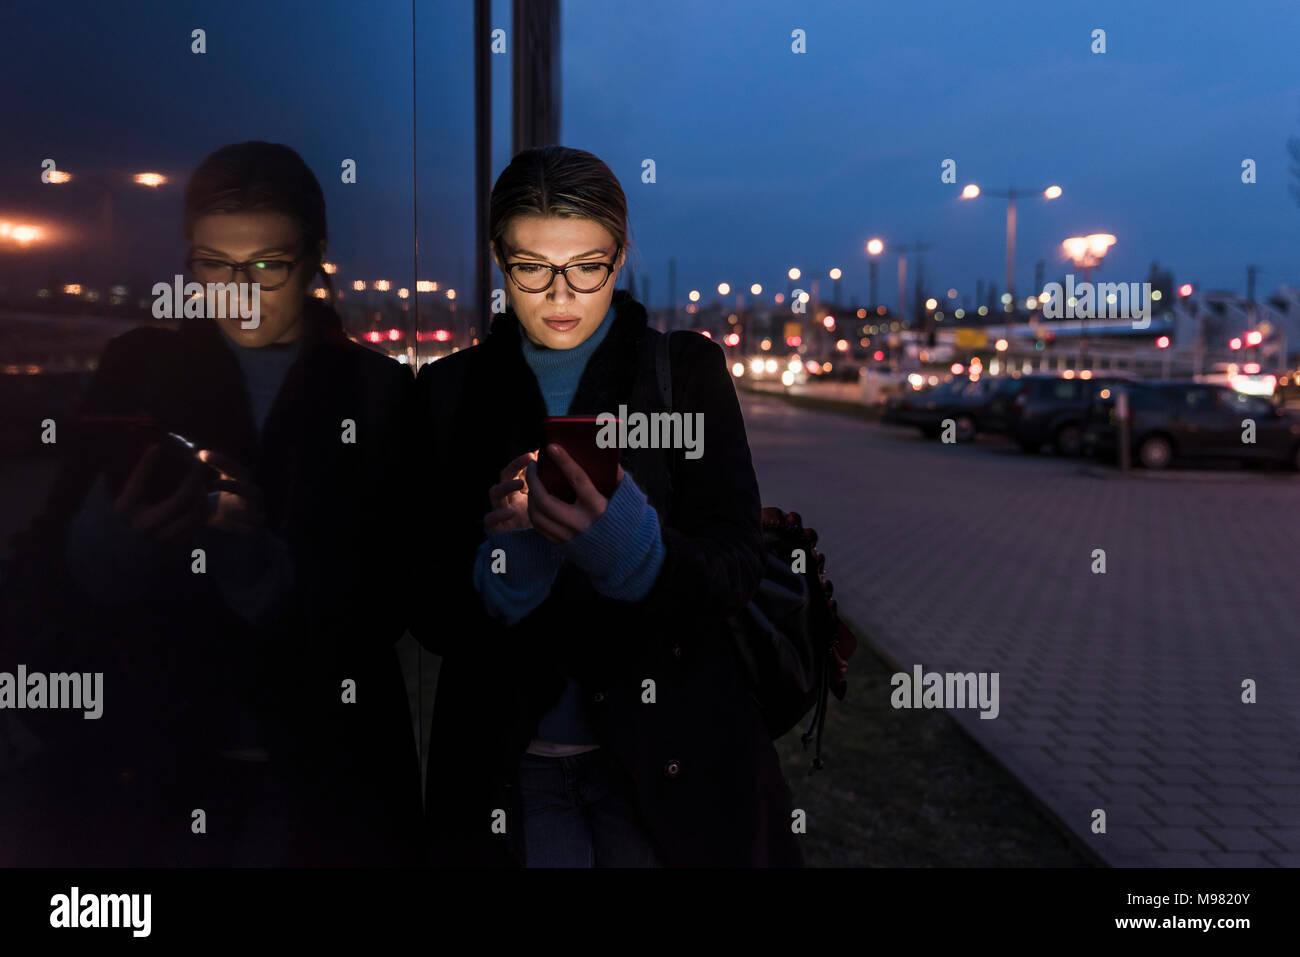 Young woman leaning against glass/la nuit à l'aide de téléphone cellulaire Photo Stock